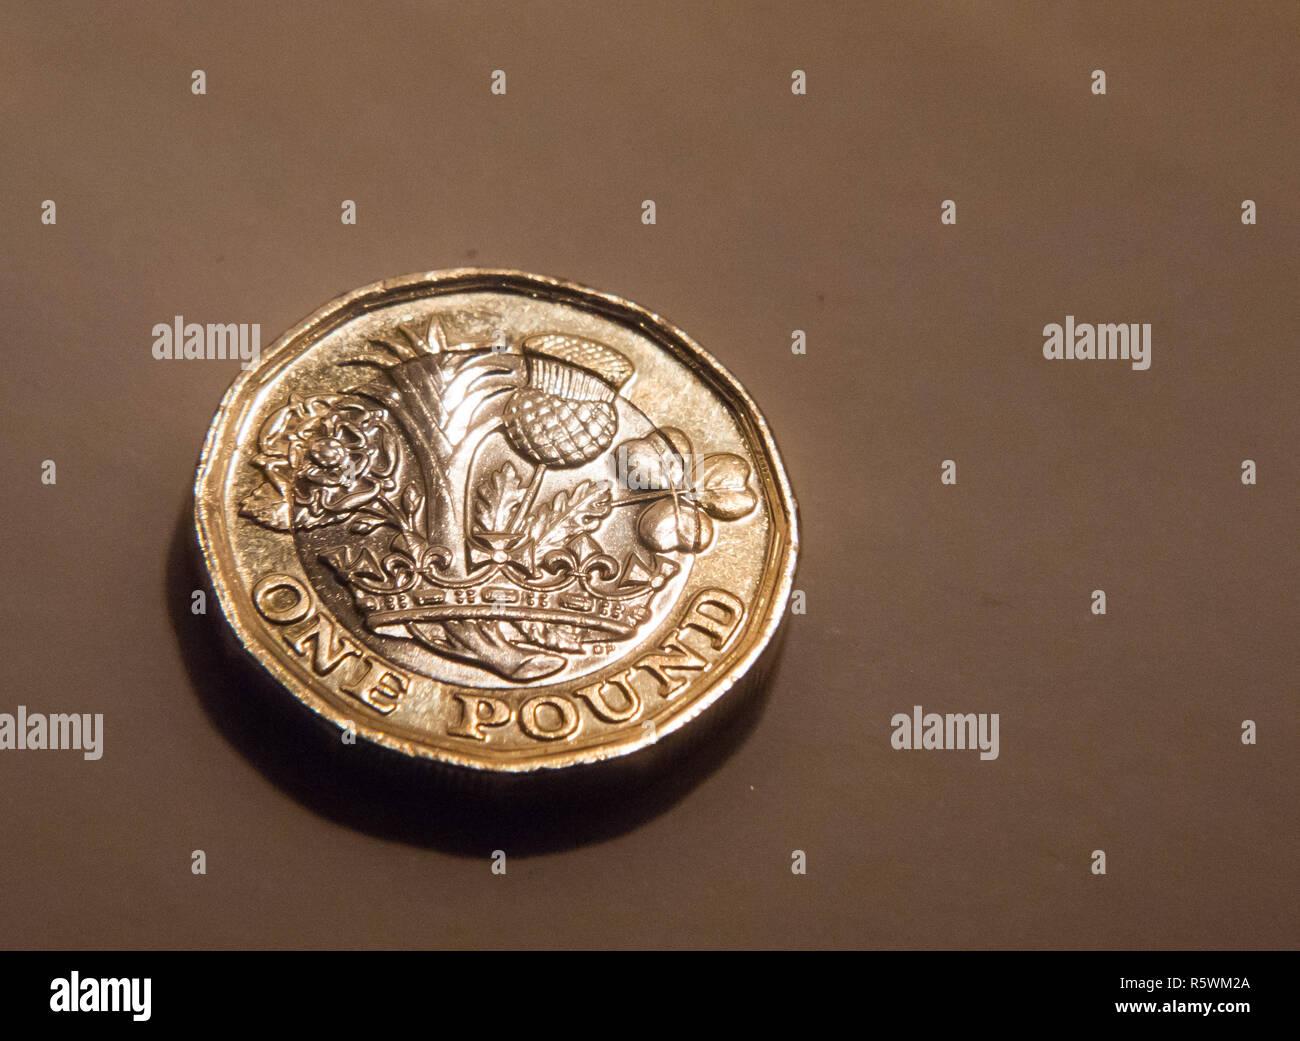 Großbritannien England British Pound Münze Isoliert Makro Stockfoto